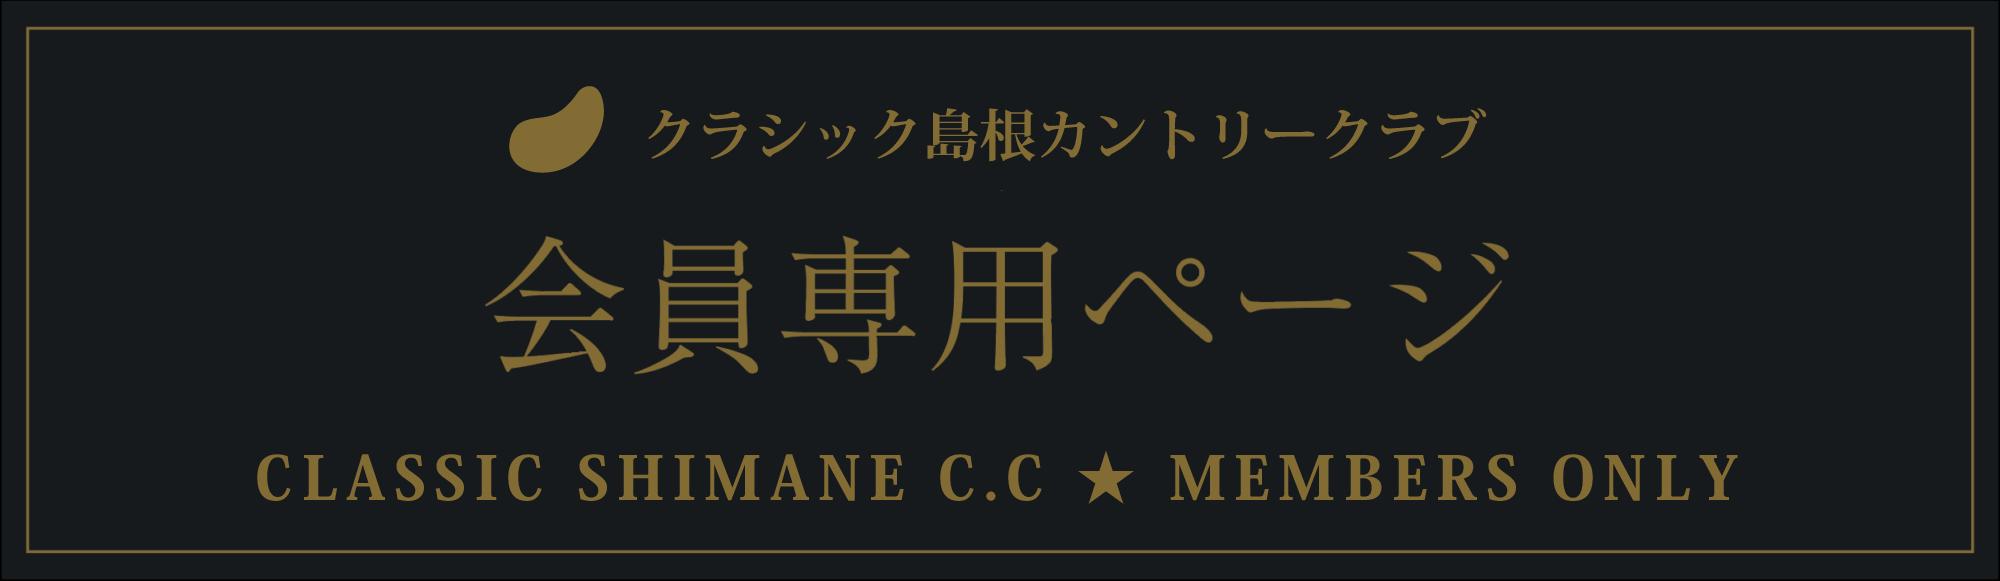 members_classic